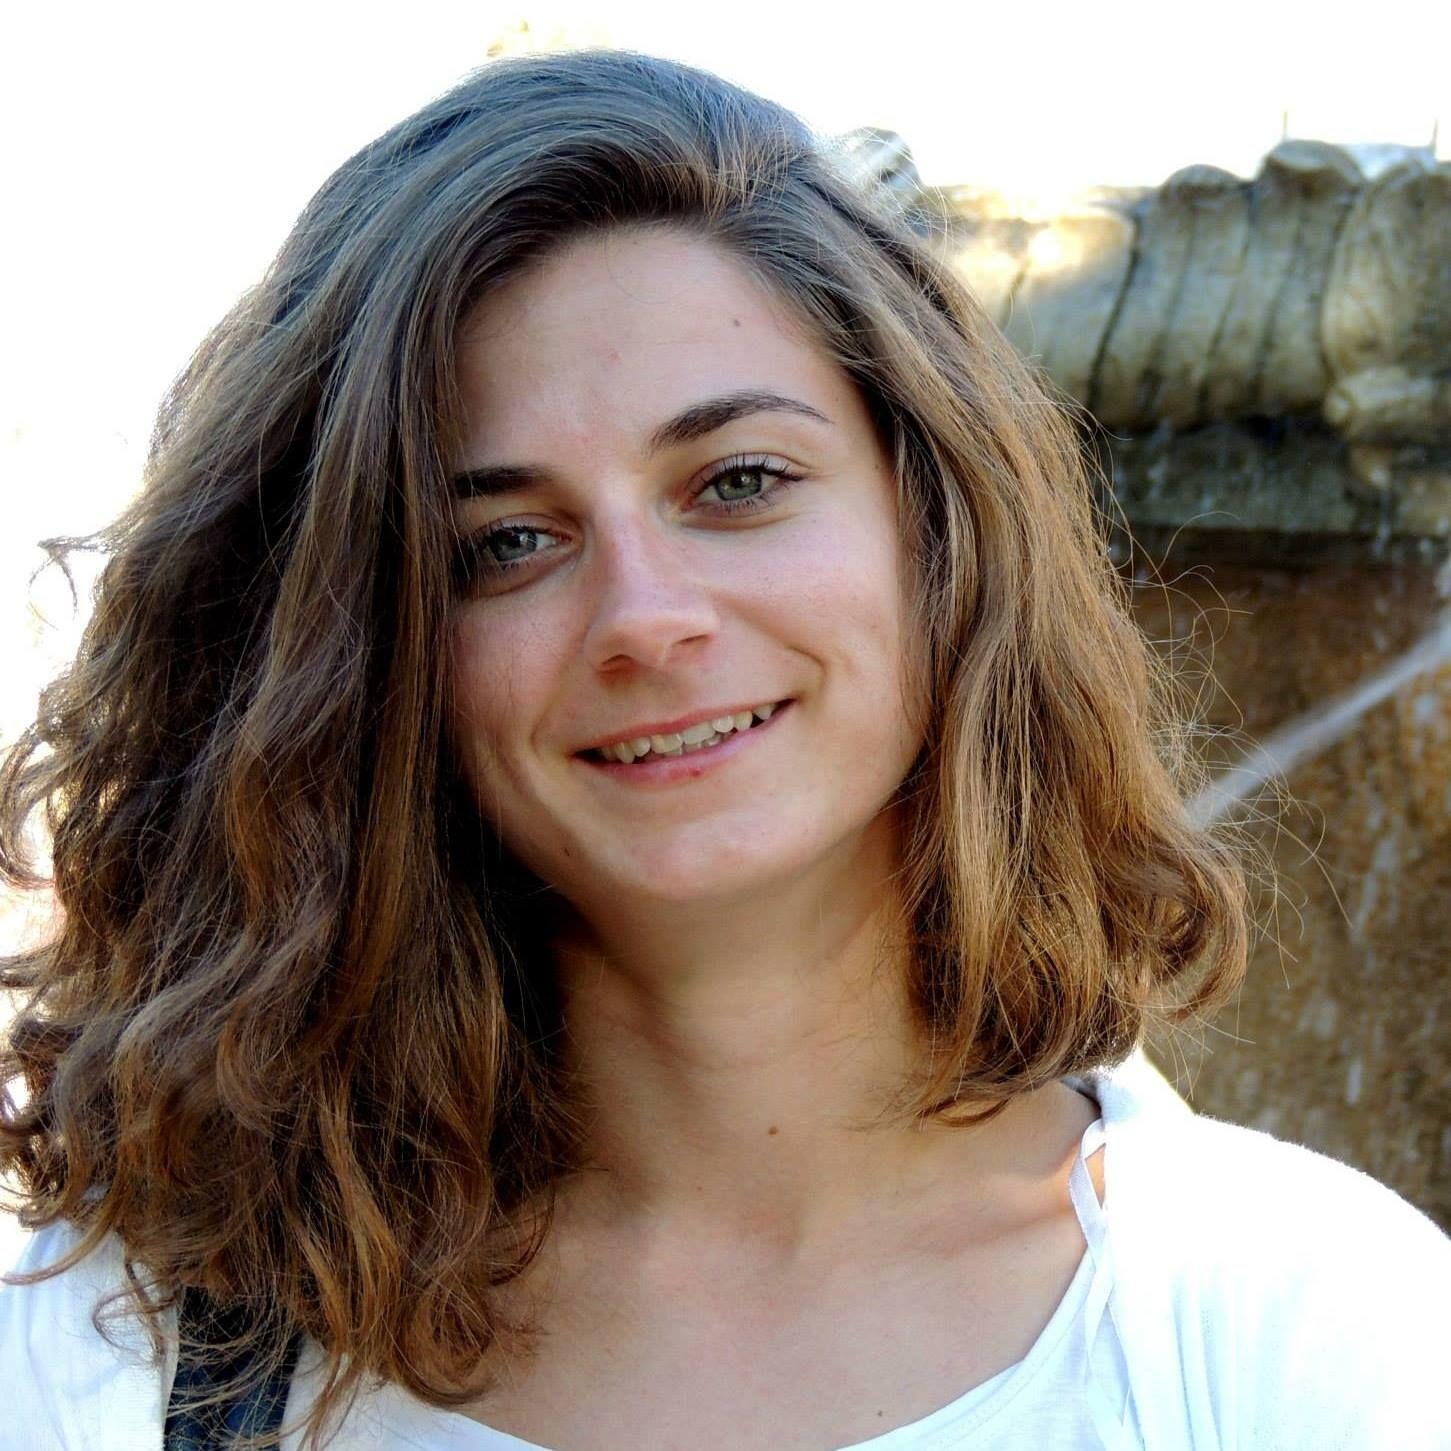 Anđelija Sandić